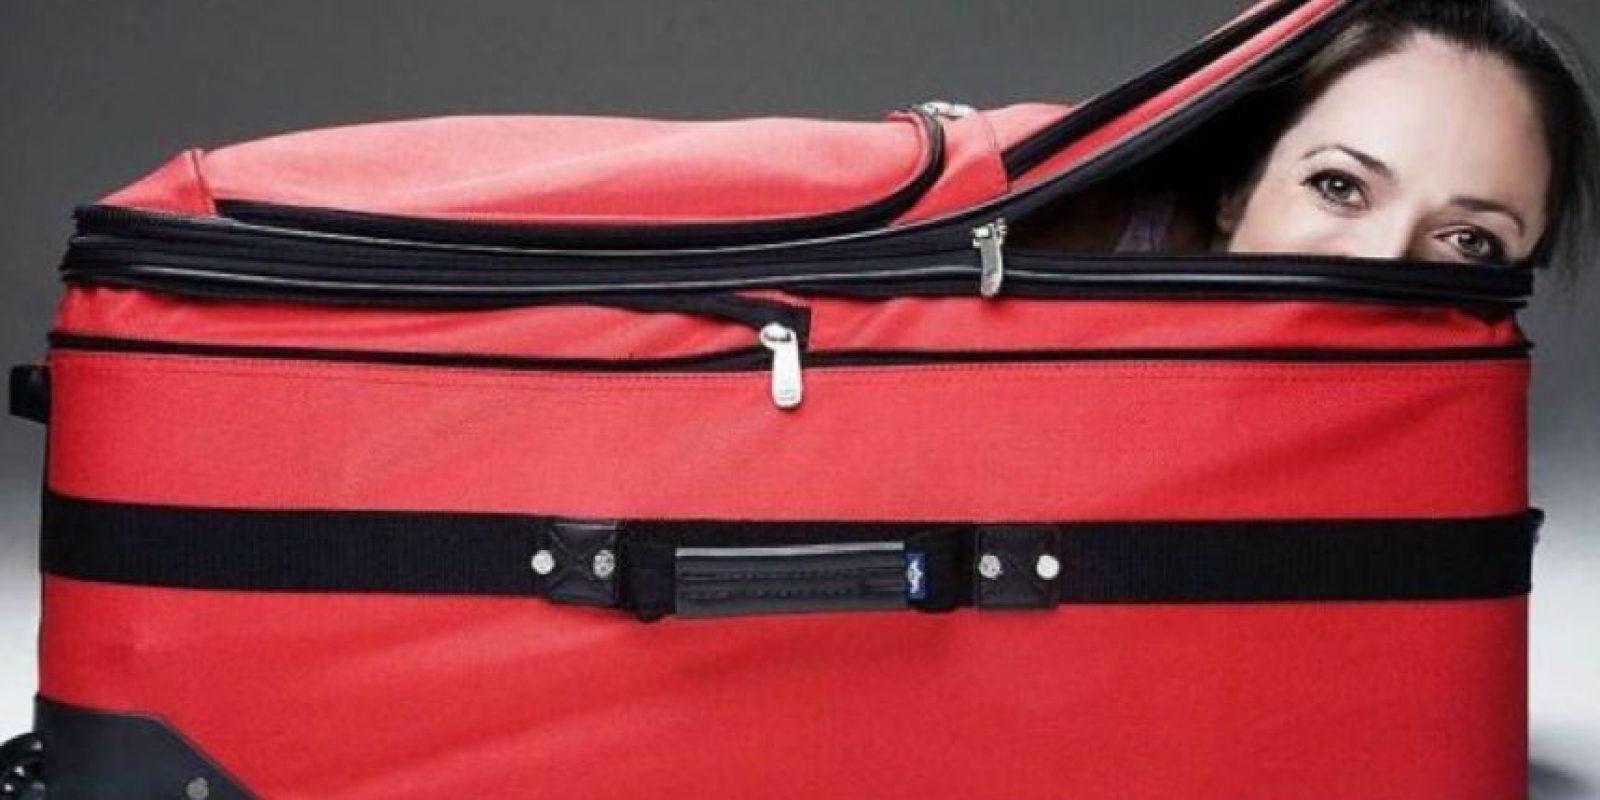 Un hombre se atrevió a desafiar la ley intentando ocultar a su esposa en una maleta, sin embargo, su plan no salió como lo habían planeado. Foto:Imagenesgraciosas